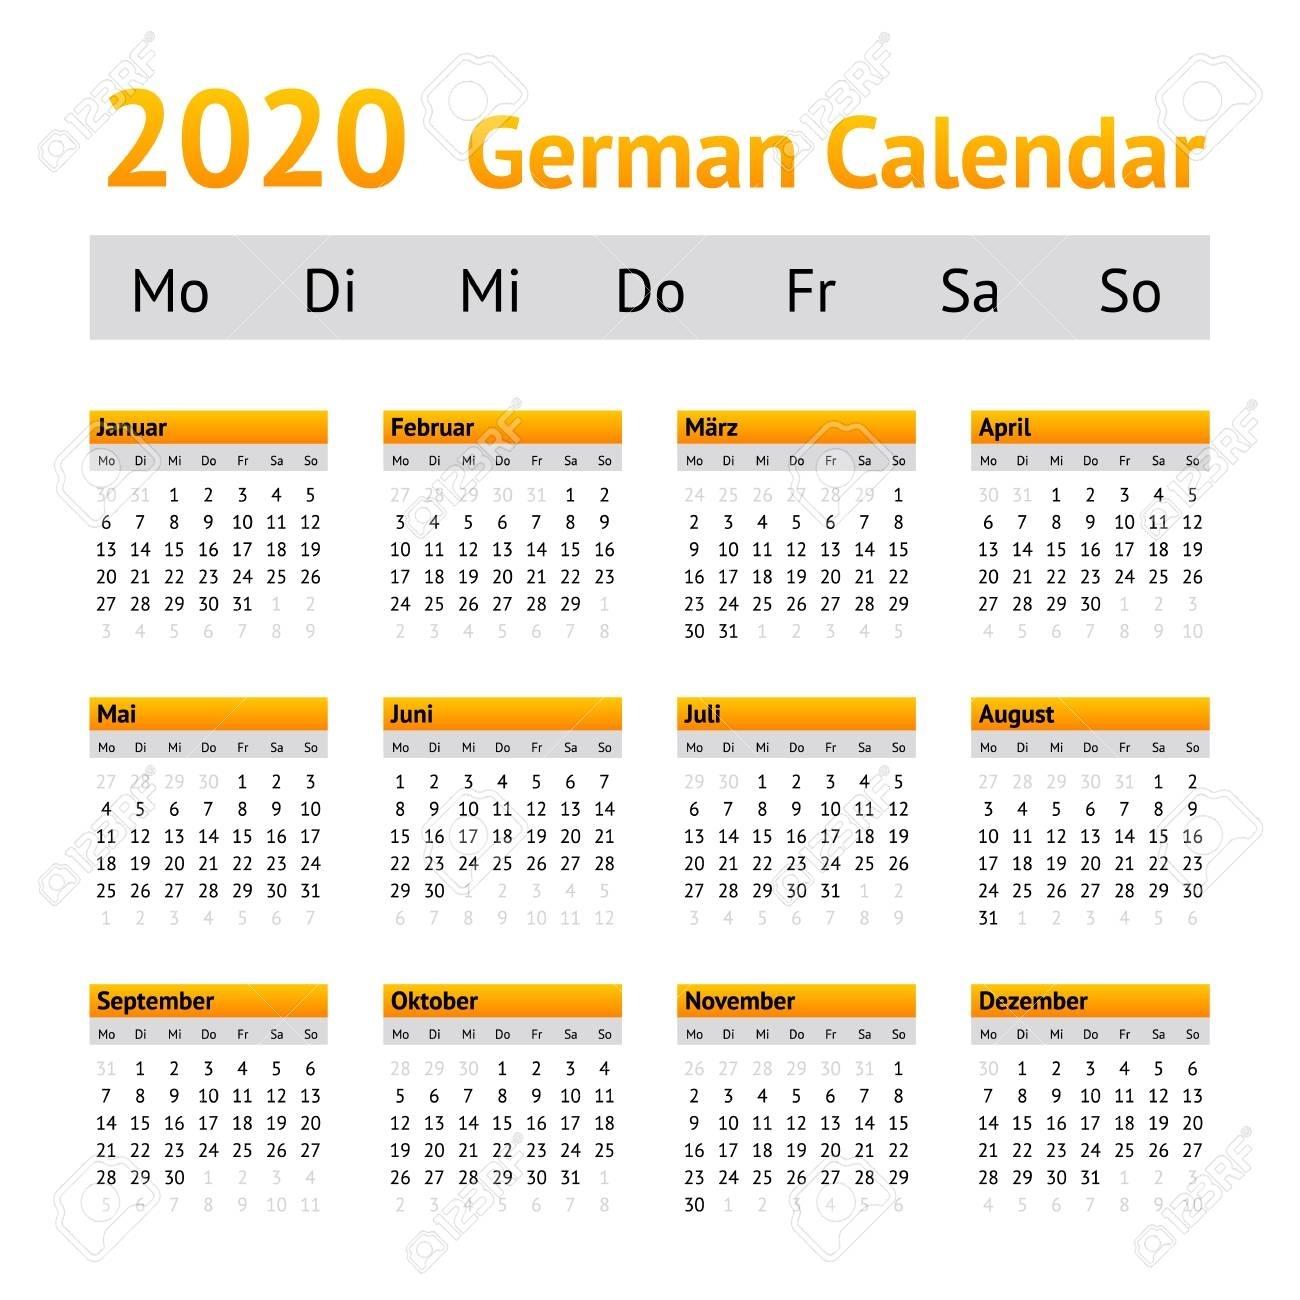 2020 German Calendar. Week Starting On Monday